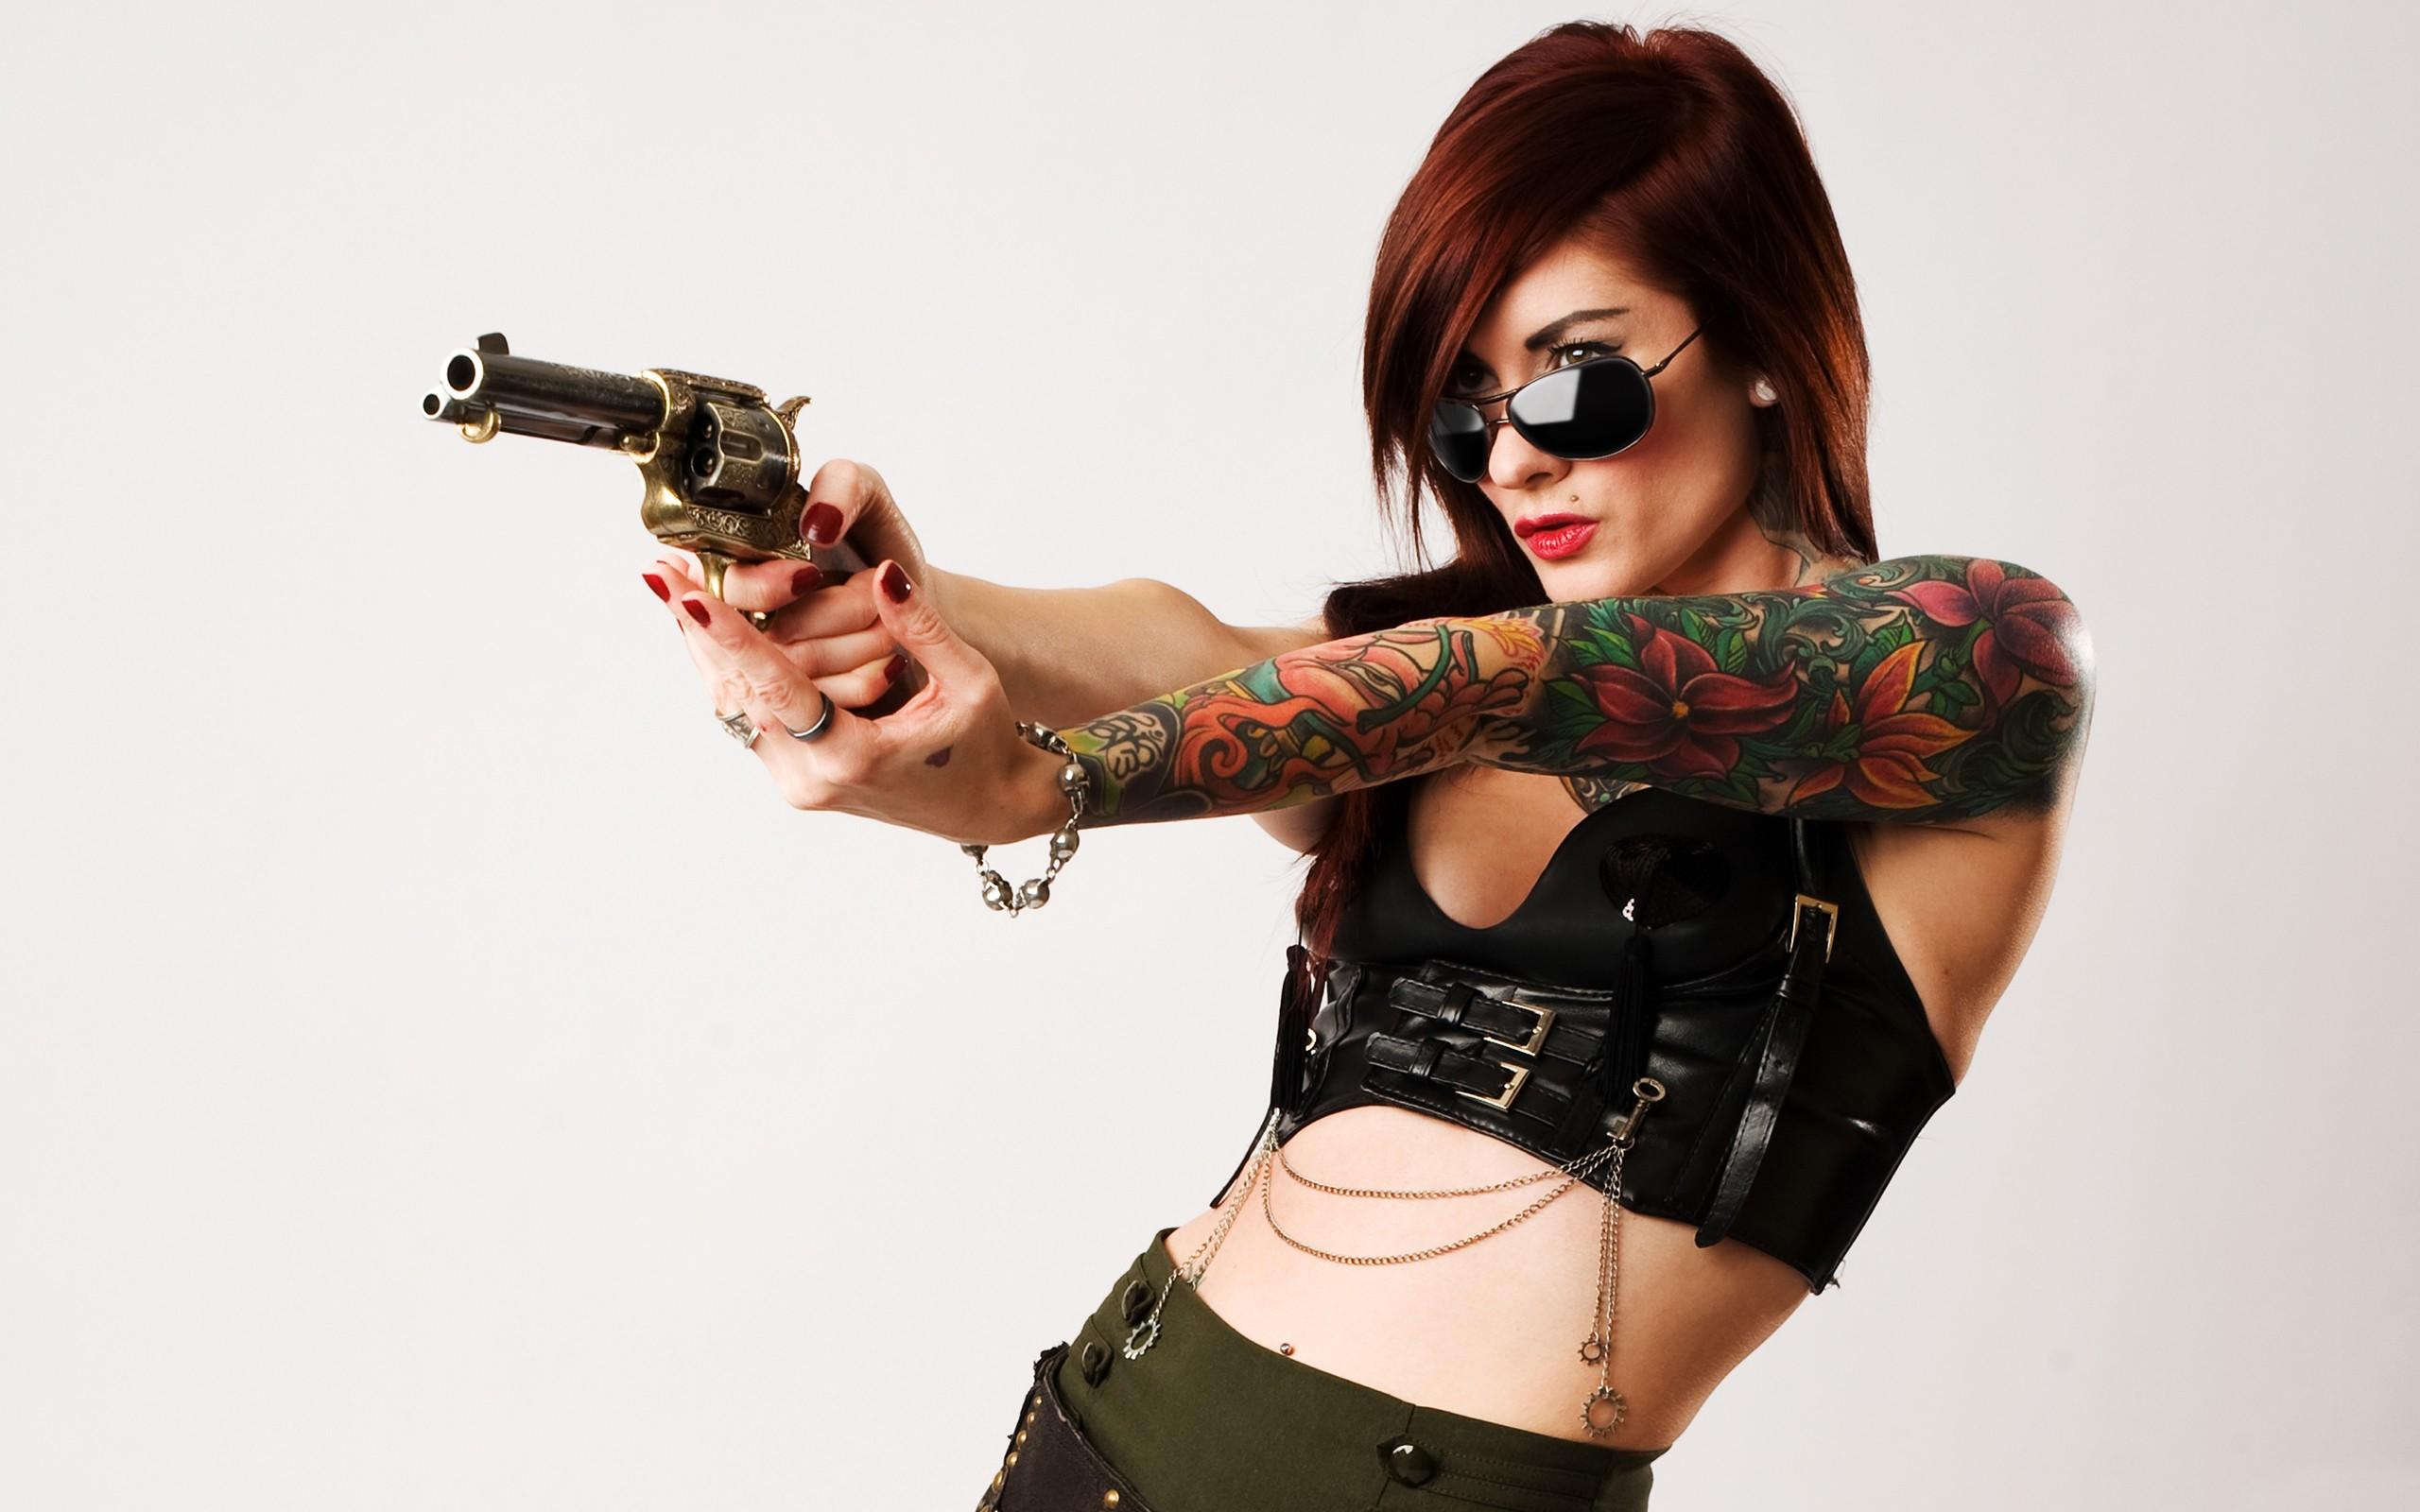 Una pelirroja y un revólver - 2560x1600